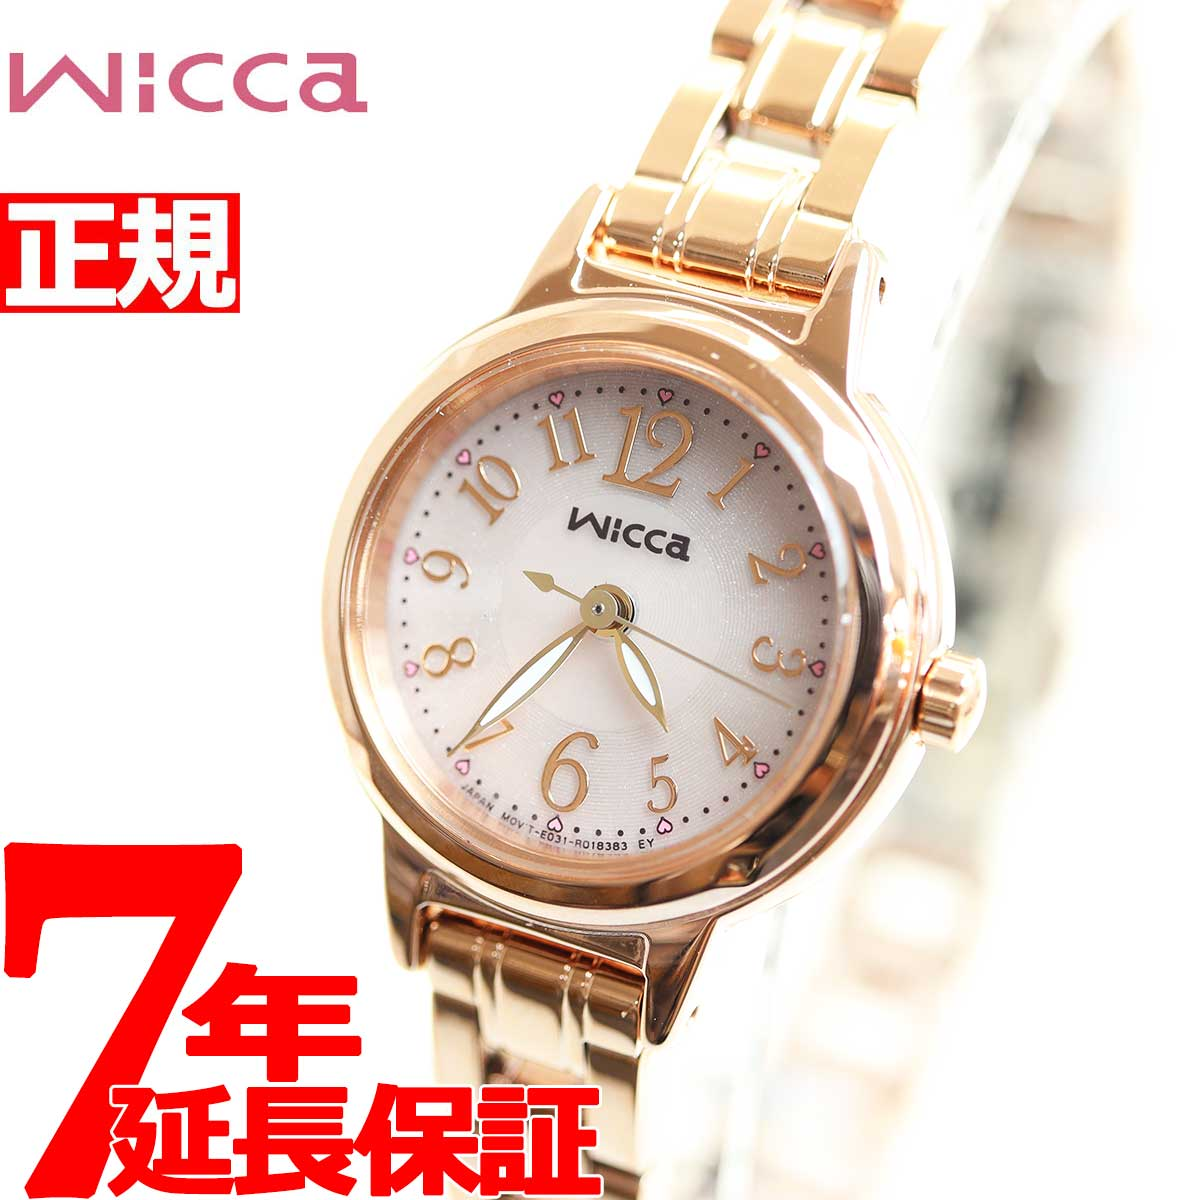 シチズン ウィッカ CITIZEN wicca ソーラー エコドライブ 有村架純 腕時計 レディース KH9-965-91